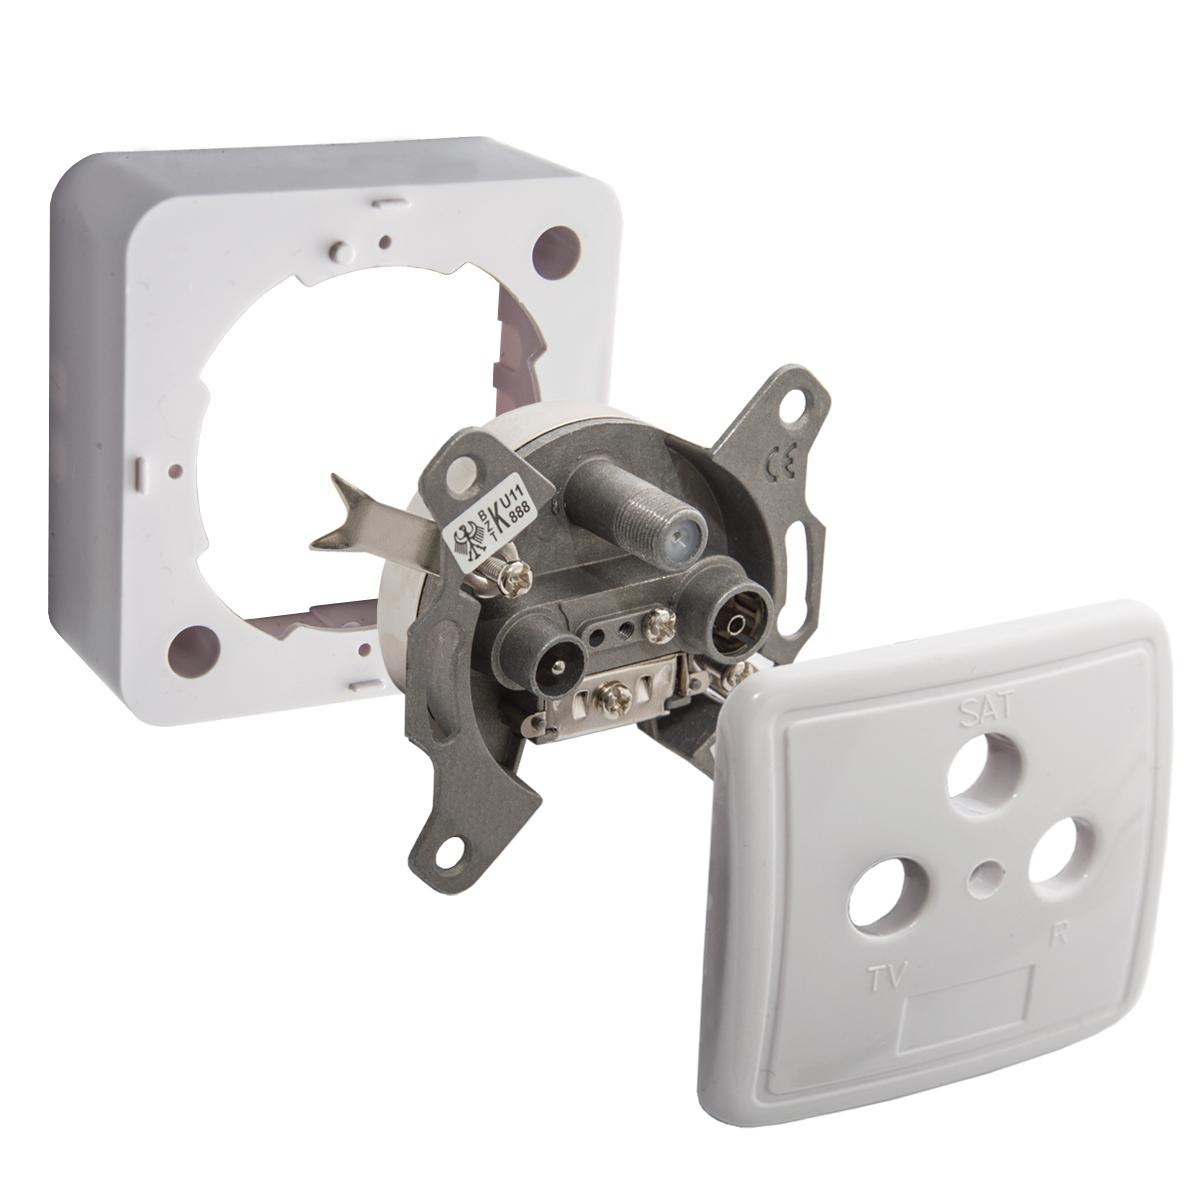 5x PremiumX Sat Dose 3-Fach Enddose Antennendose Einzel und Stichleitungsdose Antennen Auf und Unterputz FULLHD Digital 3D